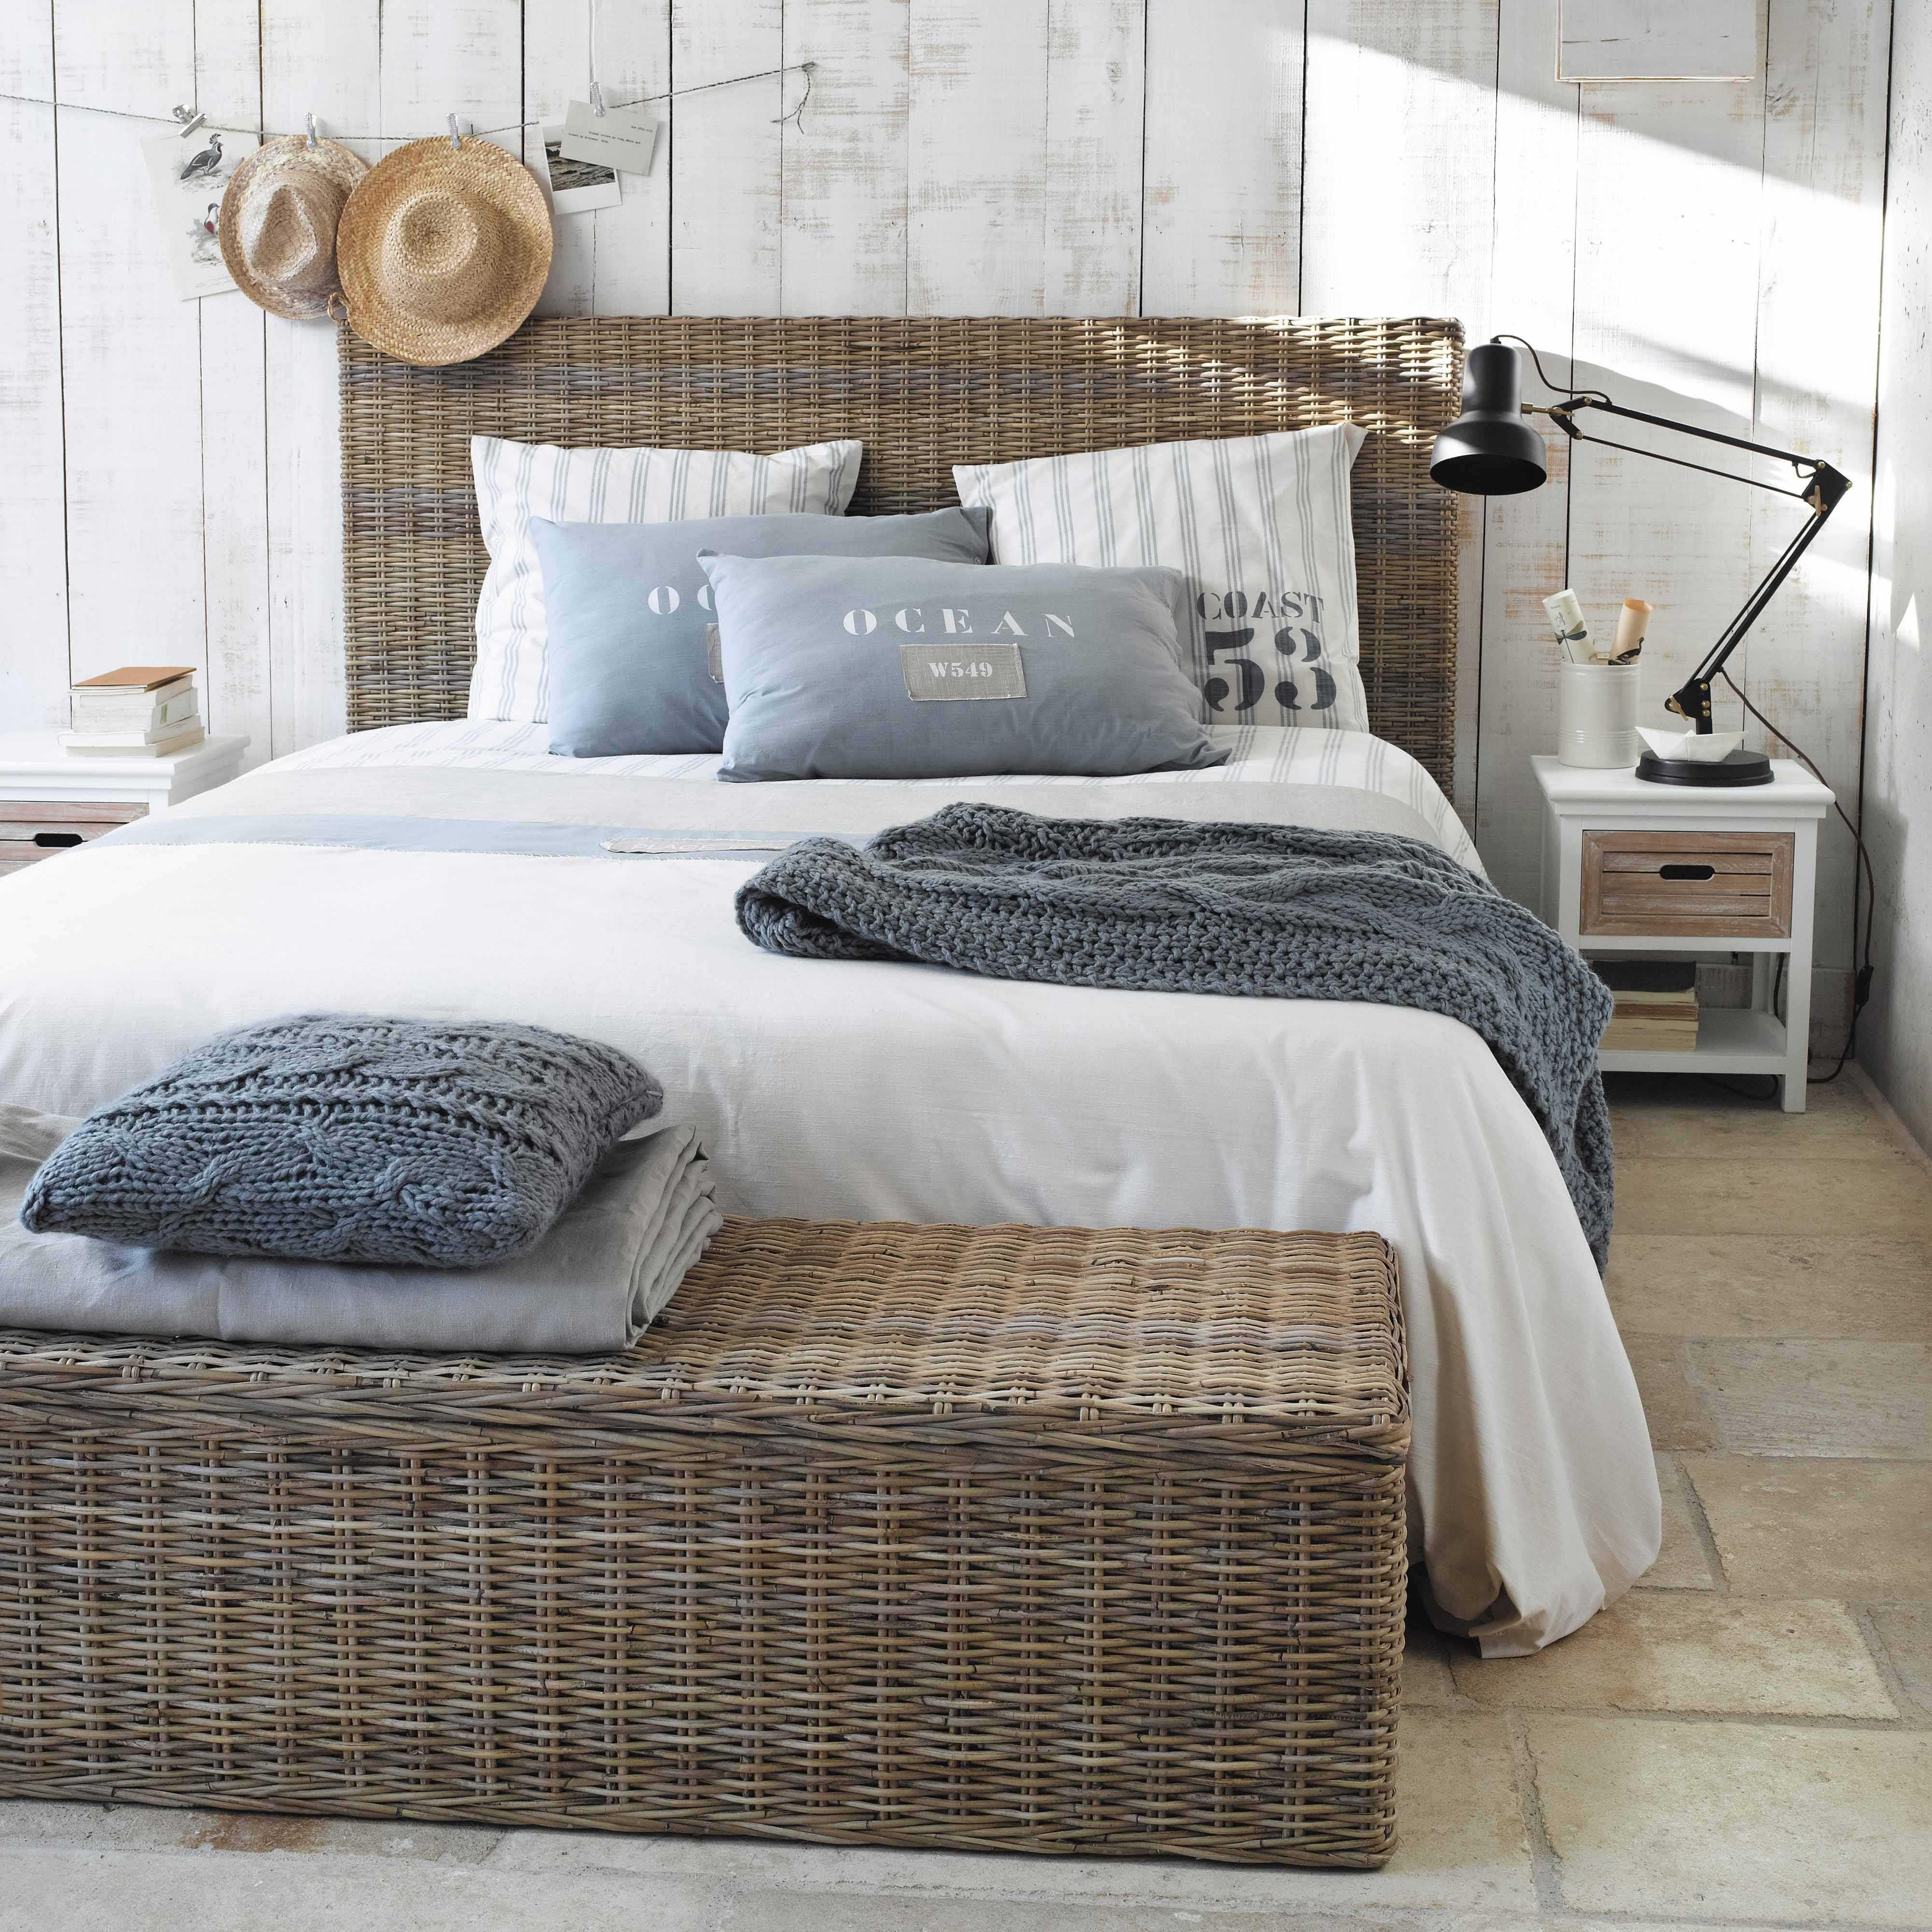 Cabecero de cama de rat n trenzado key west combinado con - Cabecero de cama ...